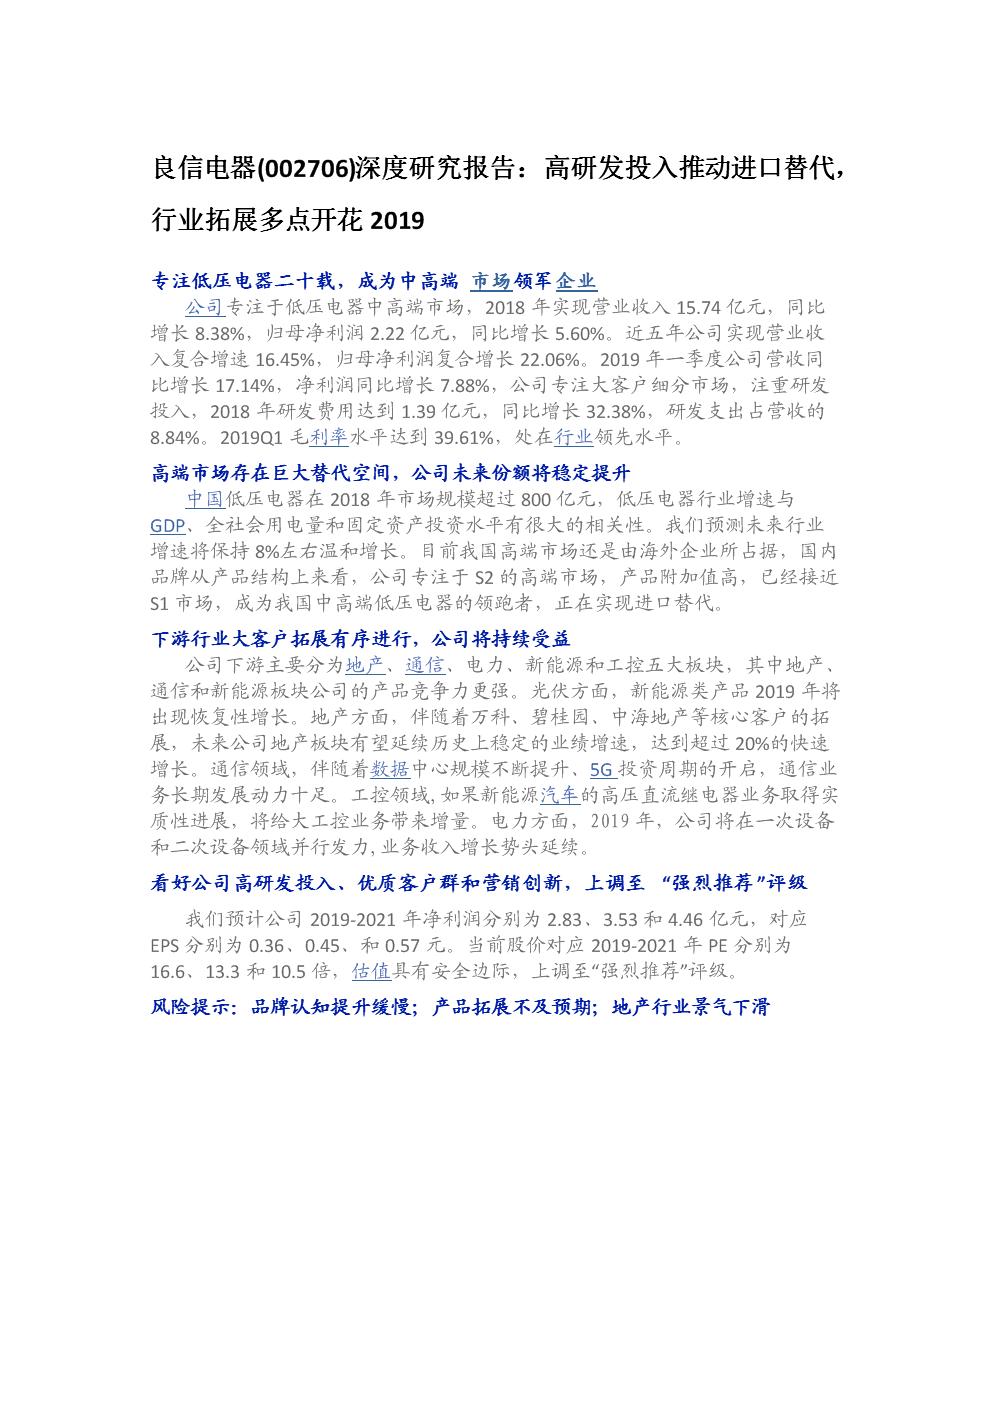 良信电器(002706)深度研究报告2019(1).doc